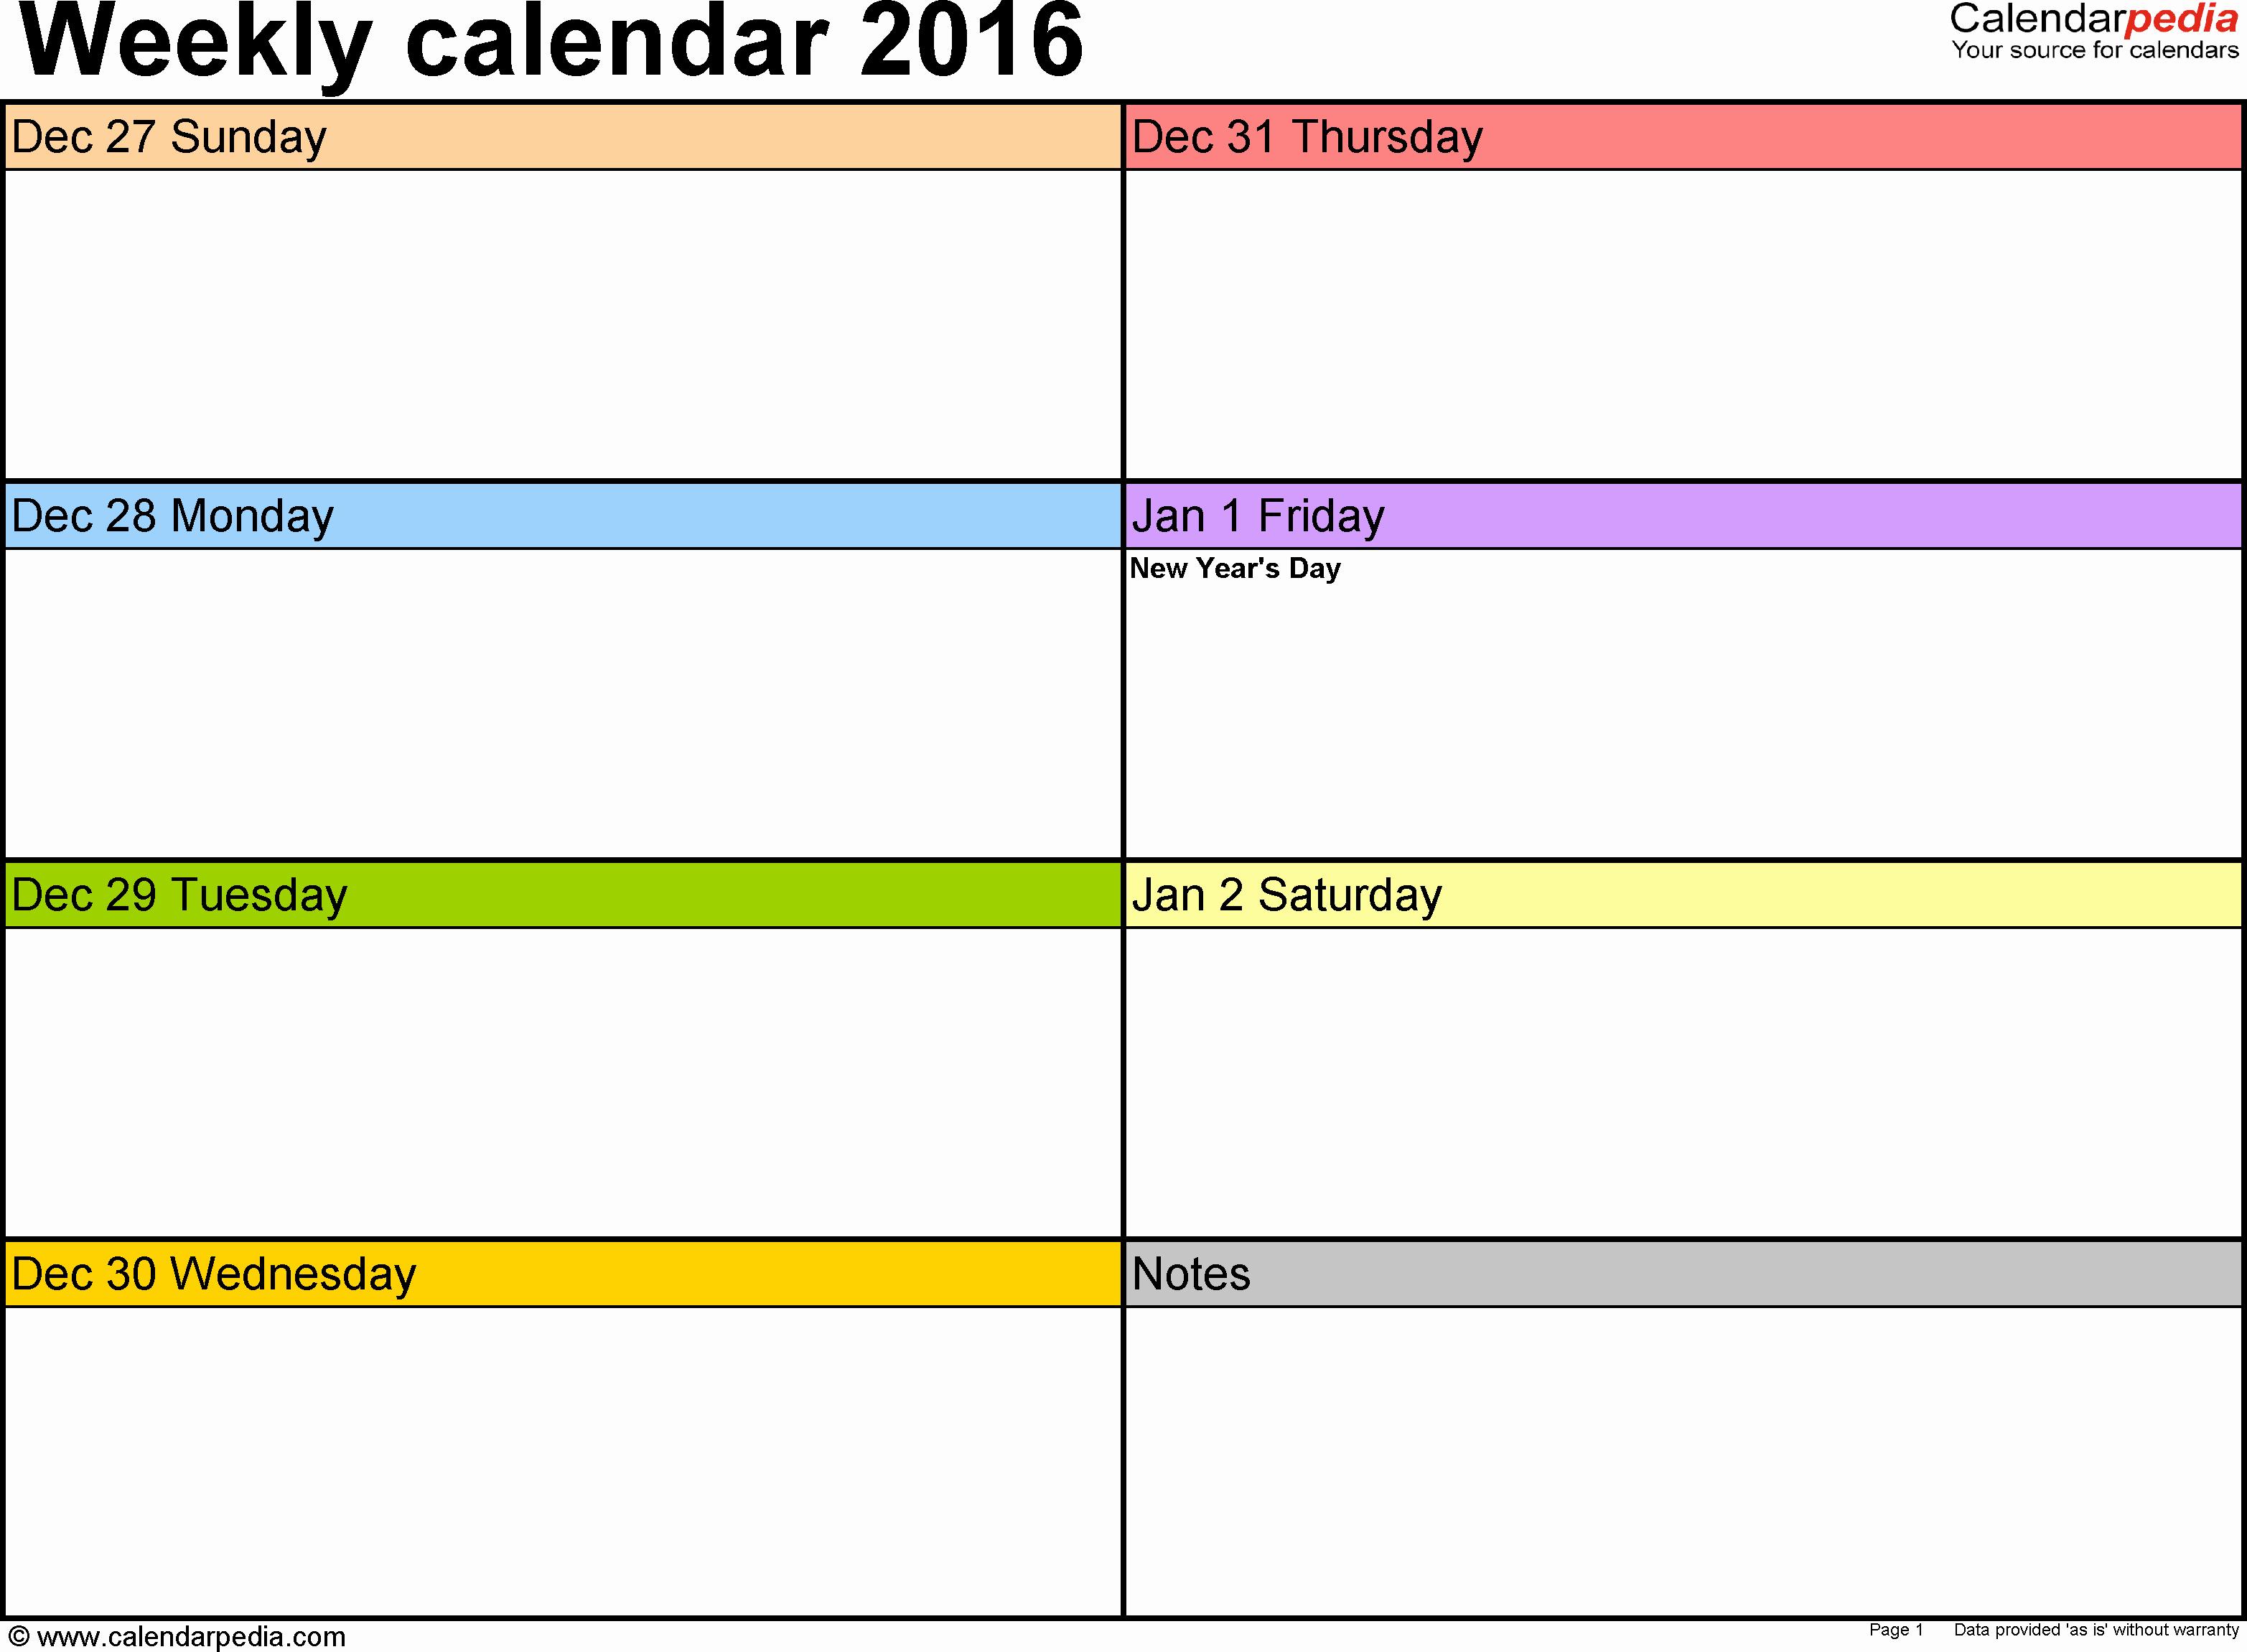 Week Schedule Template Word Beautiful Weekly Calendar 2016 for Word 12 Free Printable Templates